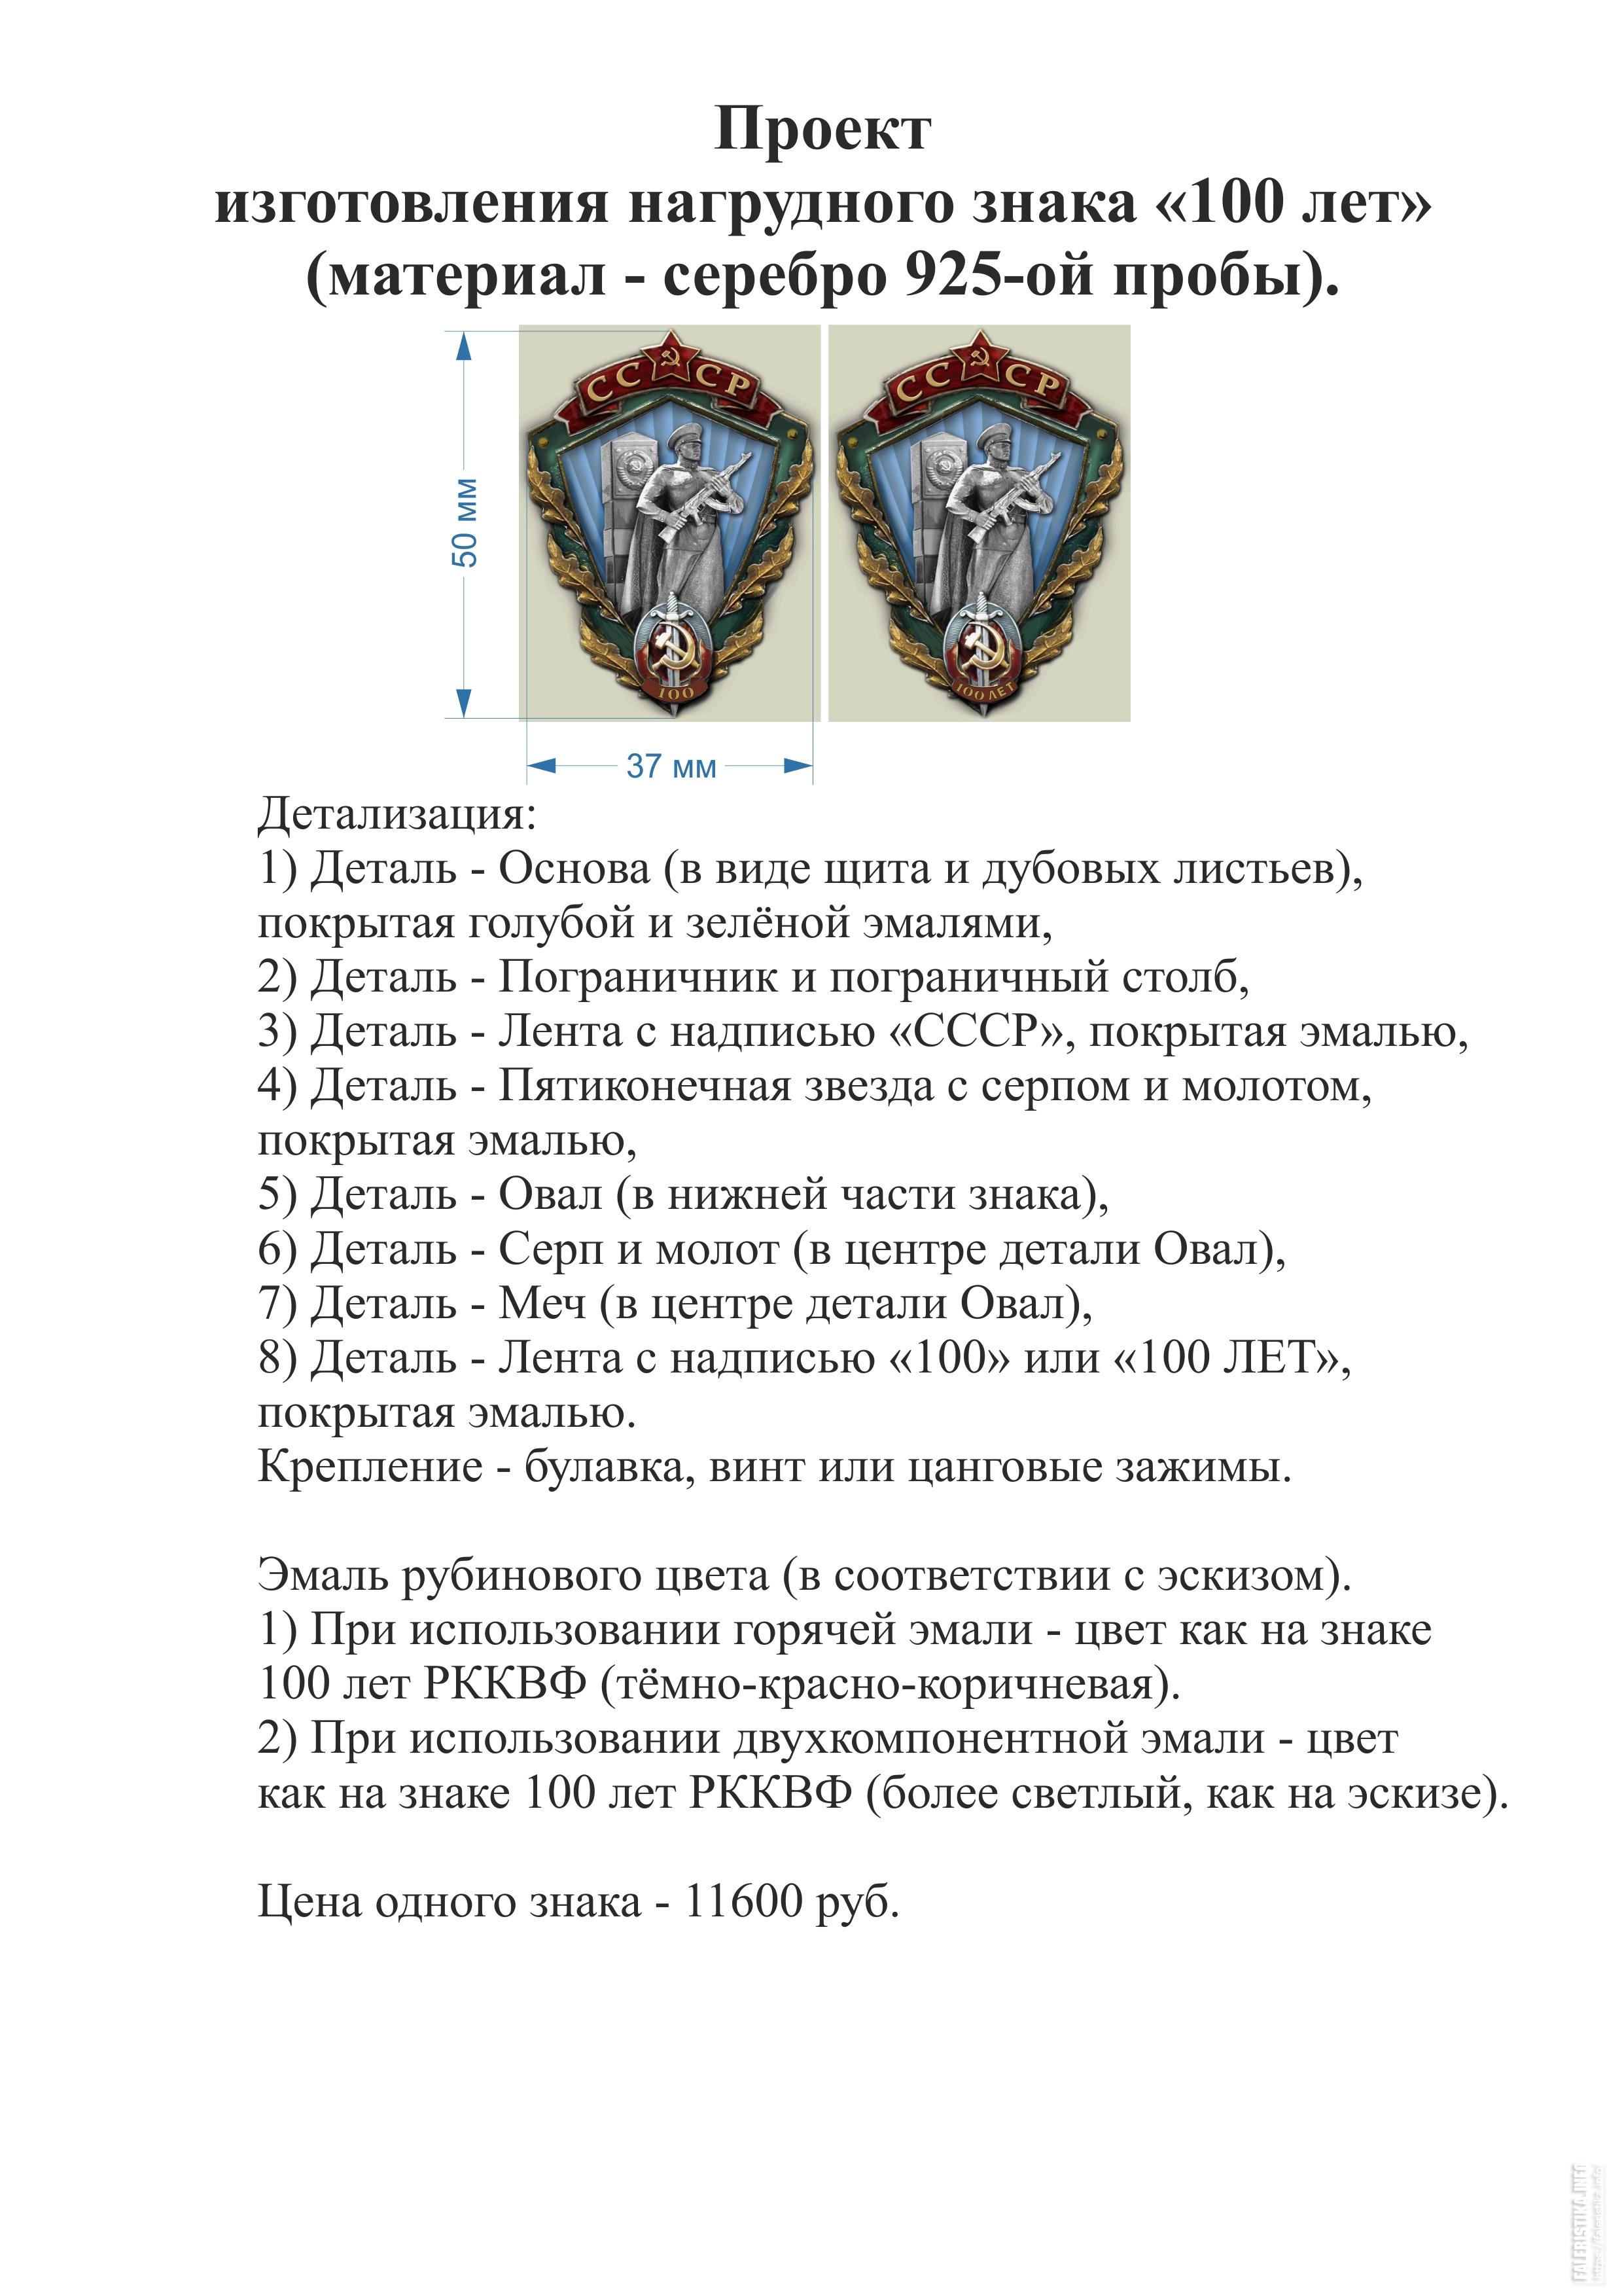 ПВ_КГБ_100_лет_2020_в_работу-3_1.jpg